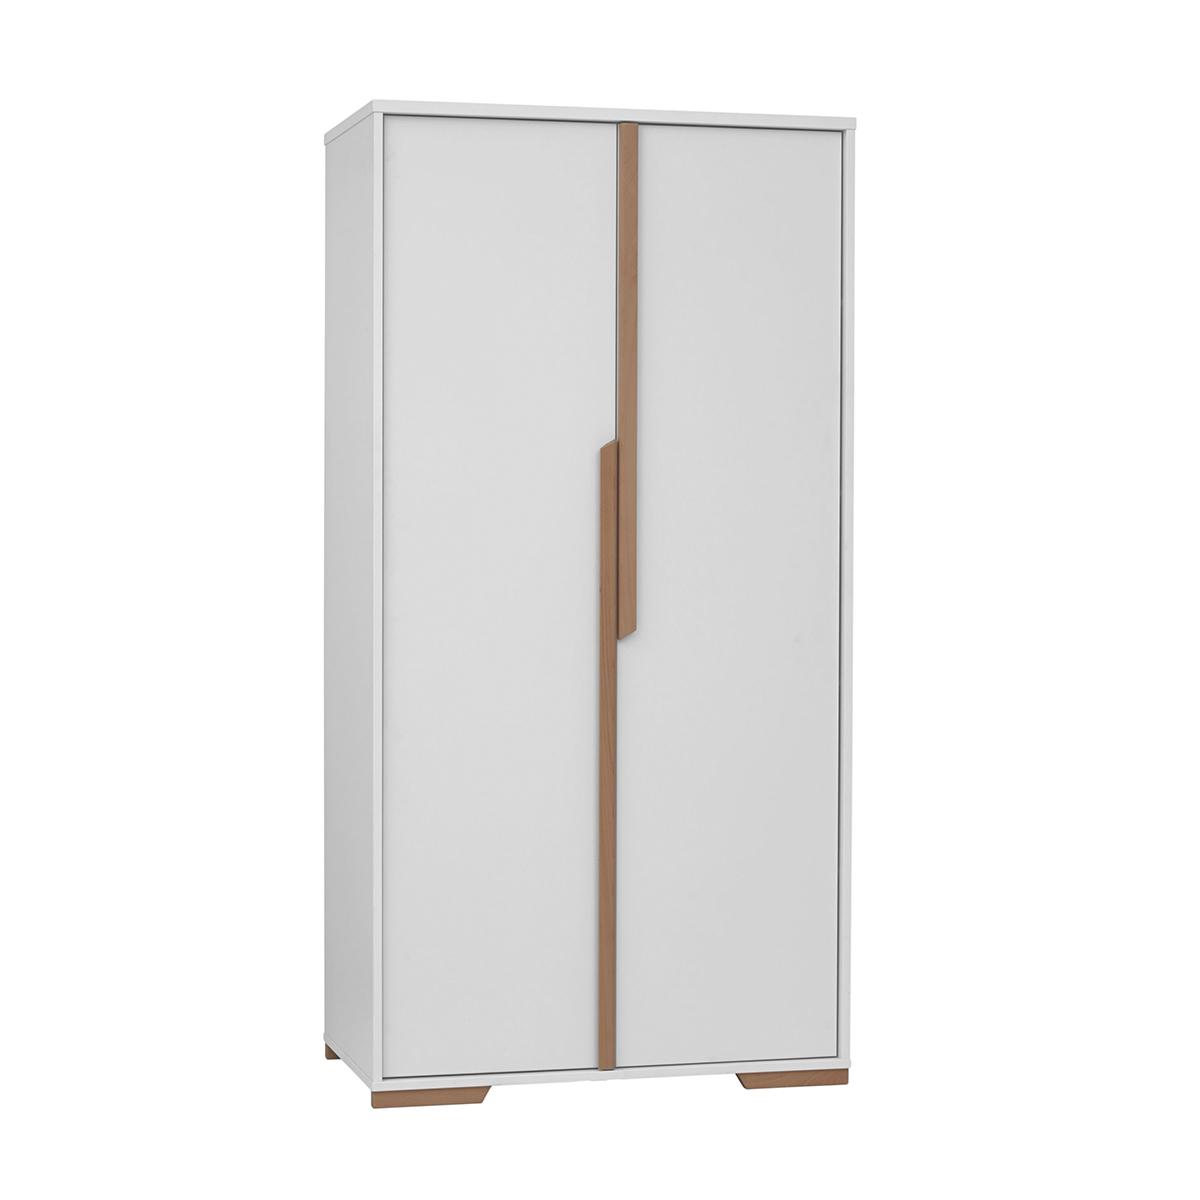 Armoire Pinio 2 portes Blanc bois et Snap redxoCB